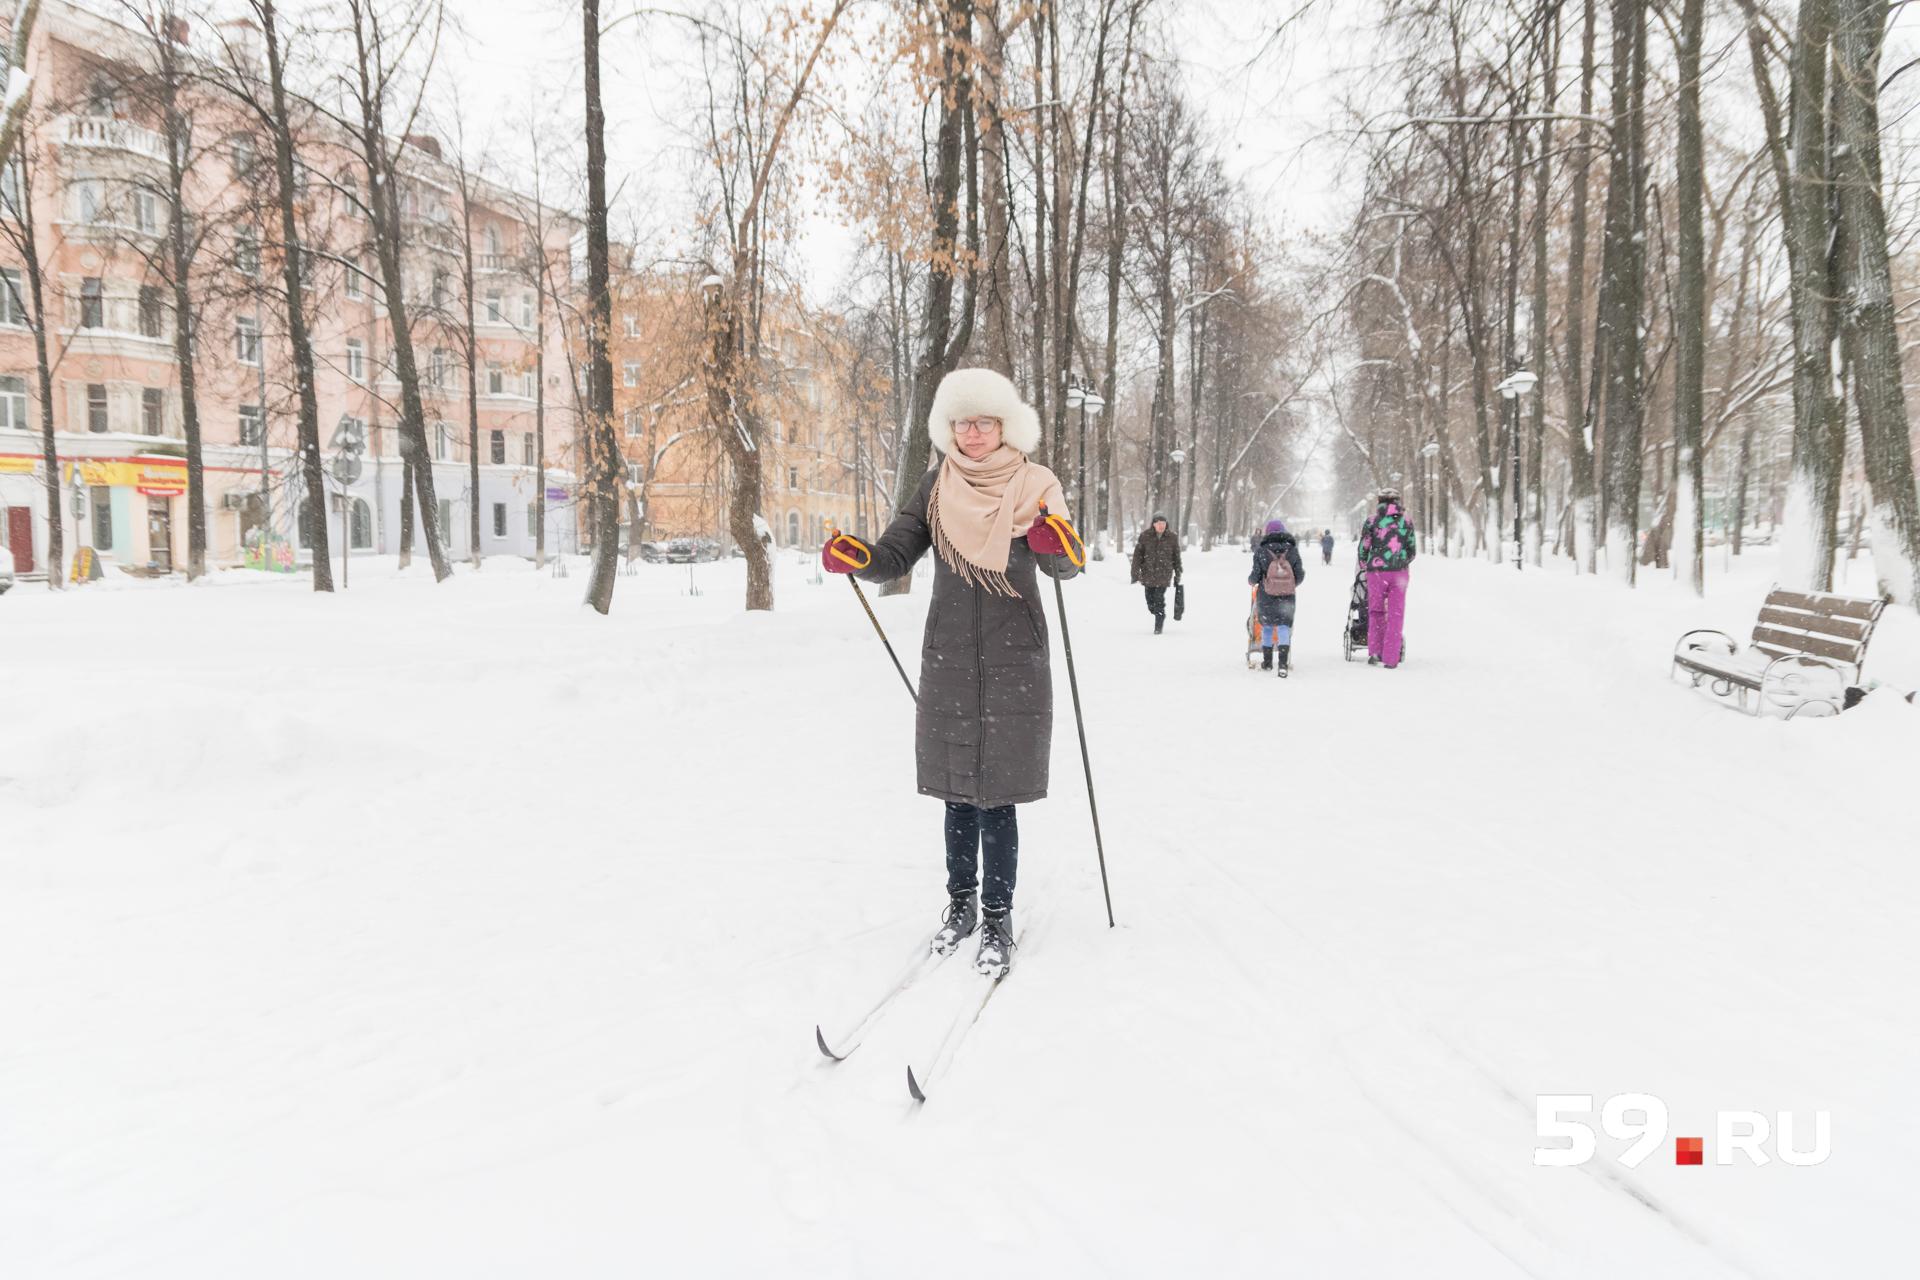 Чуть притоптано, но снега вполне хватает, чтобы как следует разогнаться